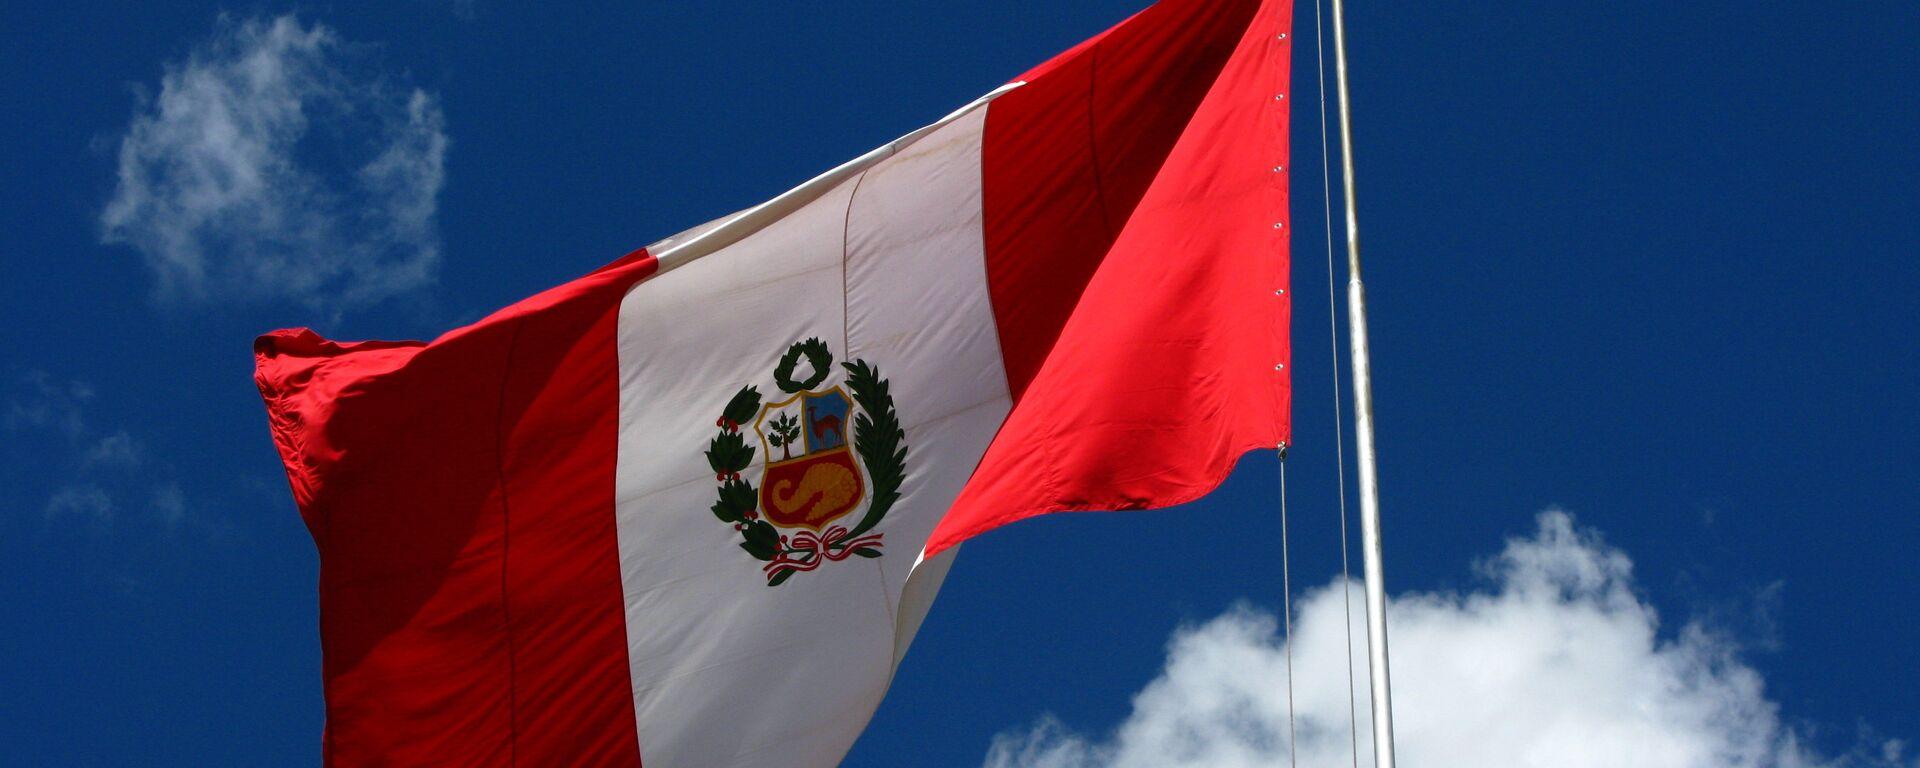 Bandera del Perú - Sputnik Mundo, 1920, 04.06.2021